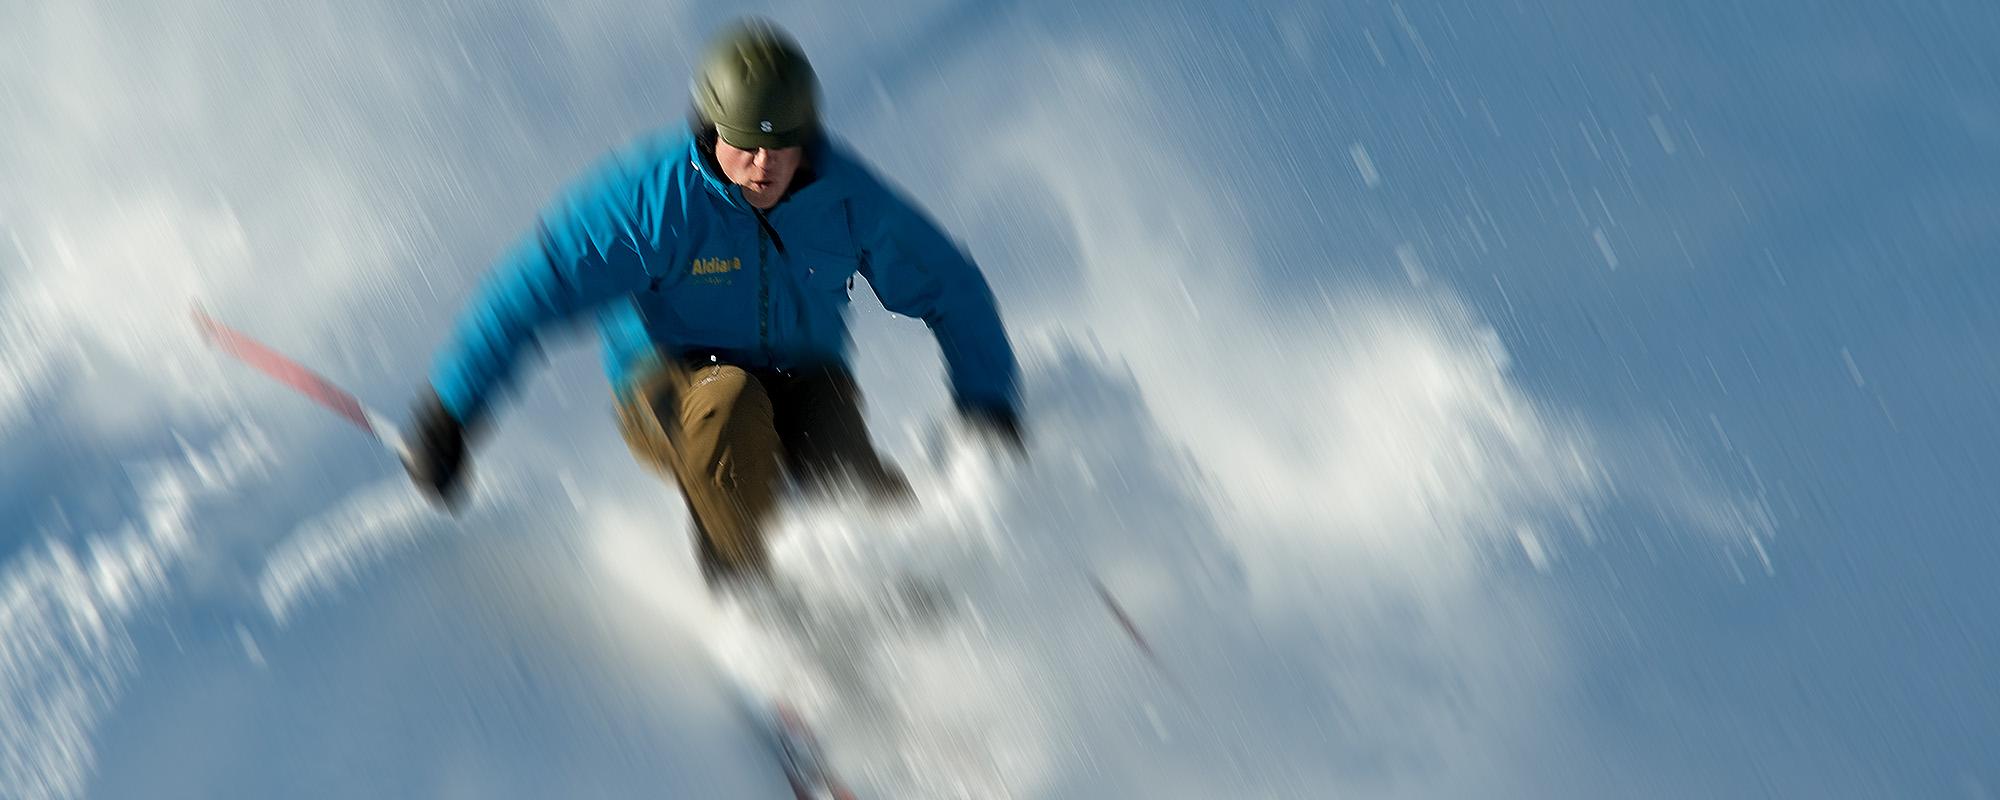 HEADER_Ski-Service